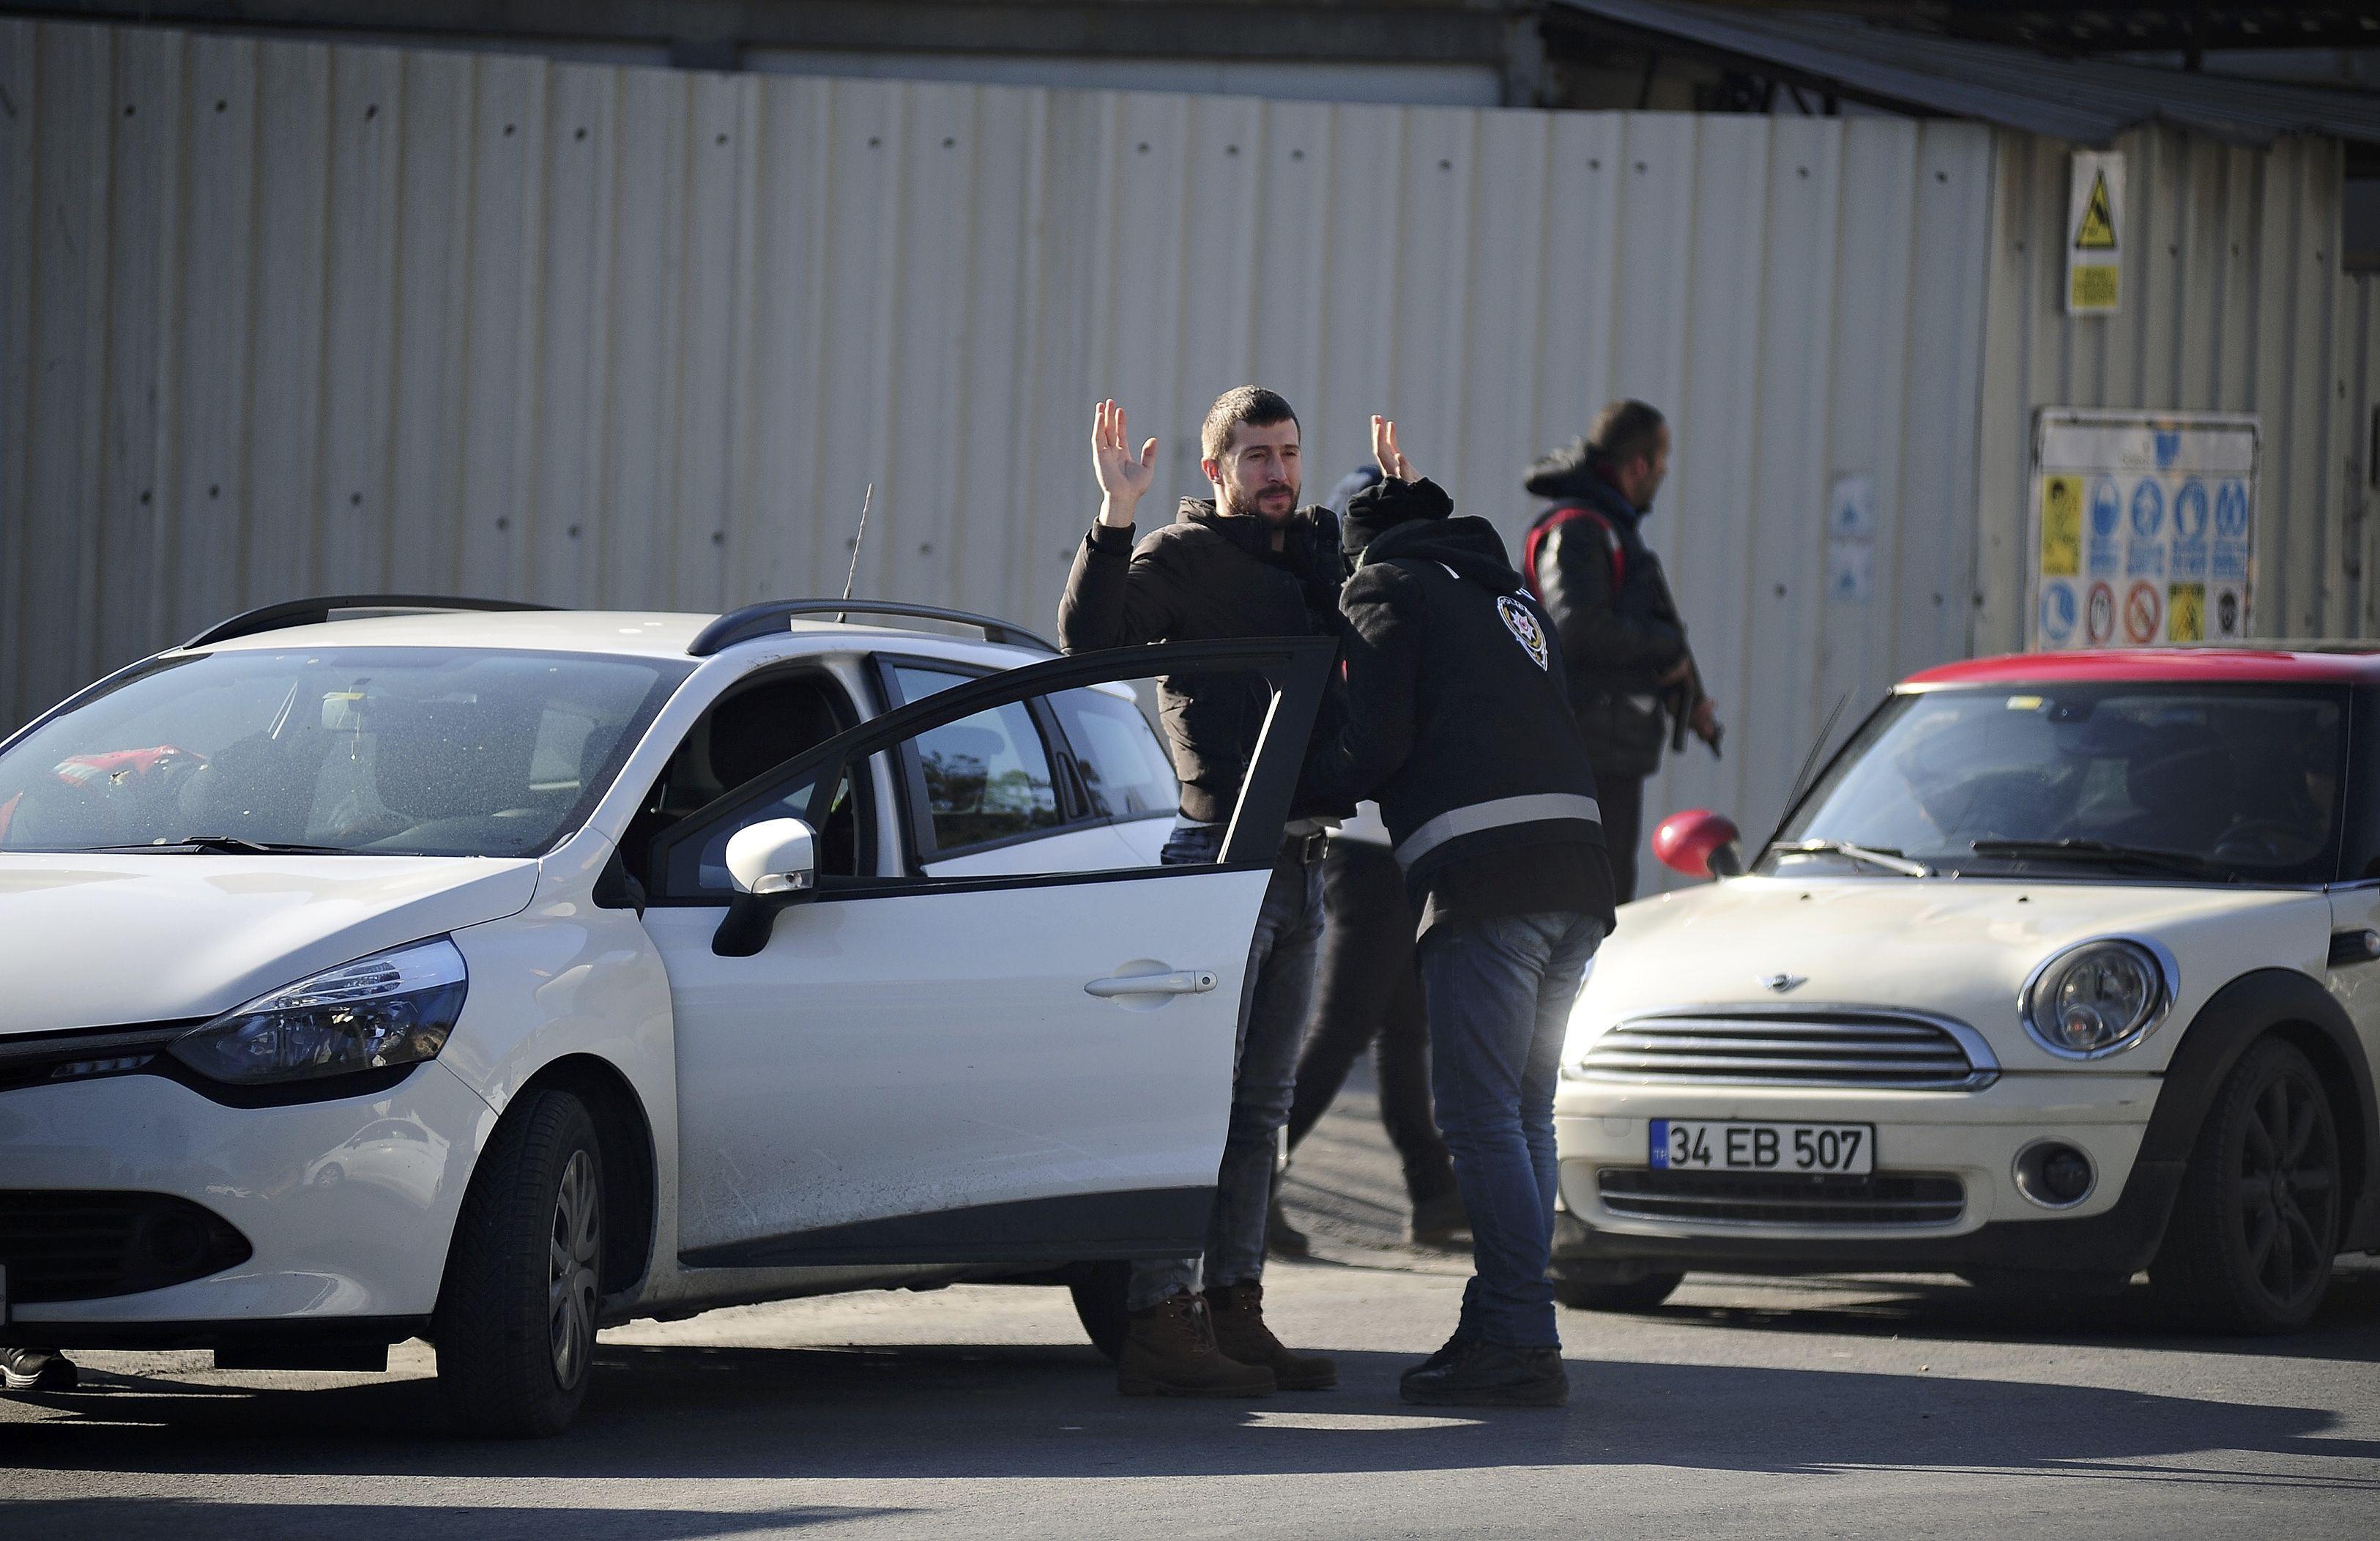 Полиция проверяет людей у входа в клуб, где прогремел взрыв.